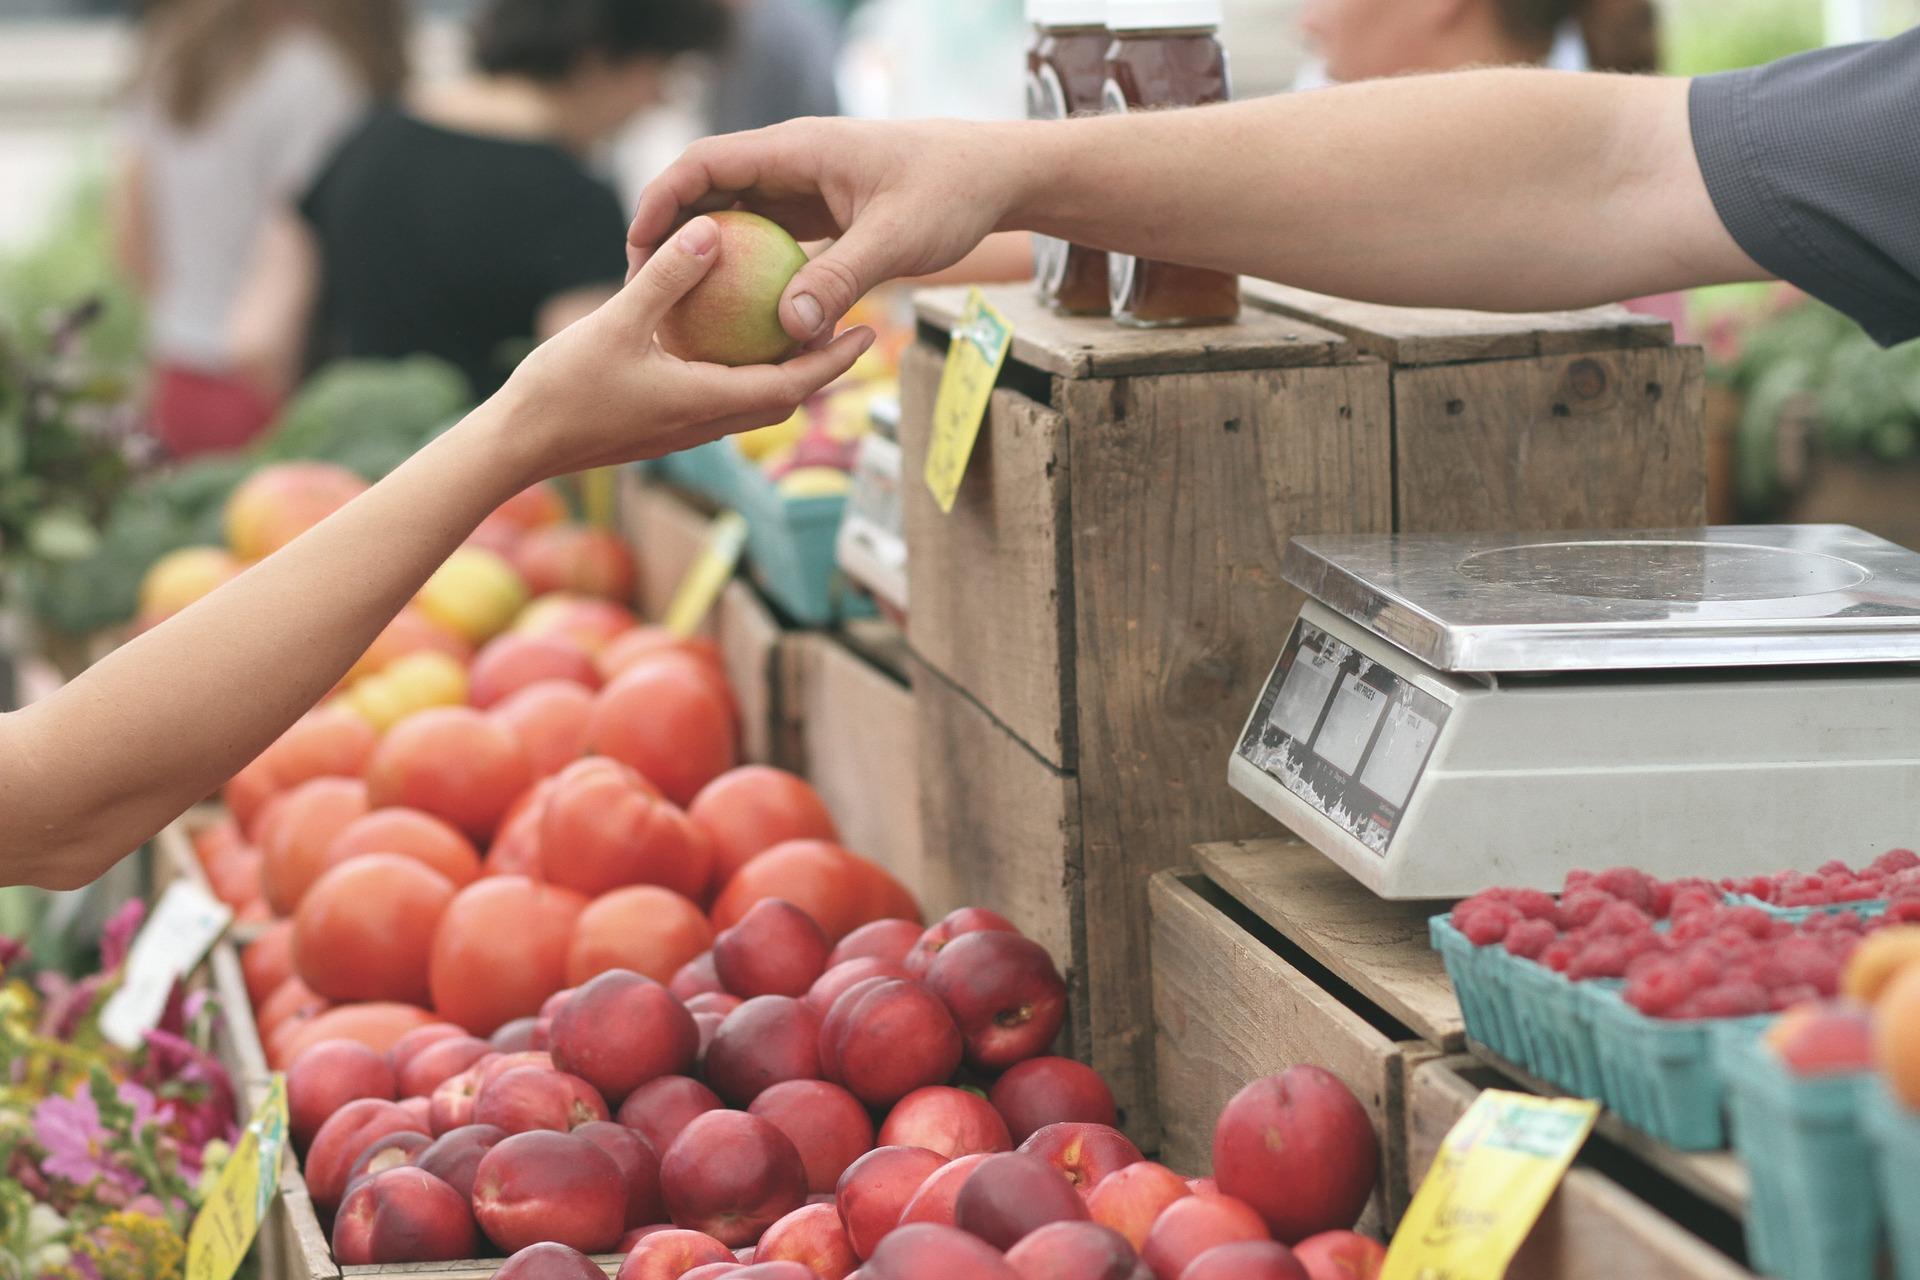 Fruitteler zit met vijftigduizend kilo onverkoopbaar fruit